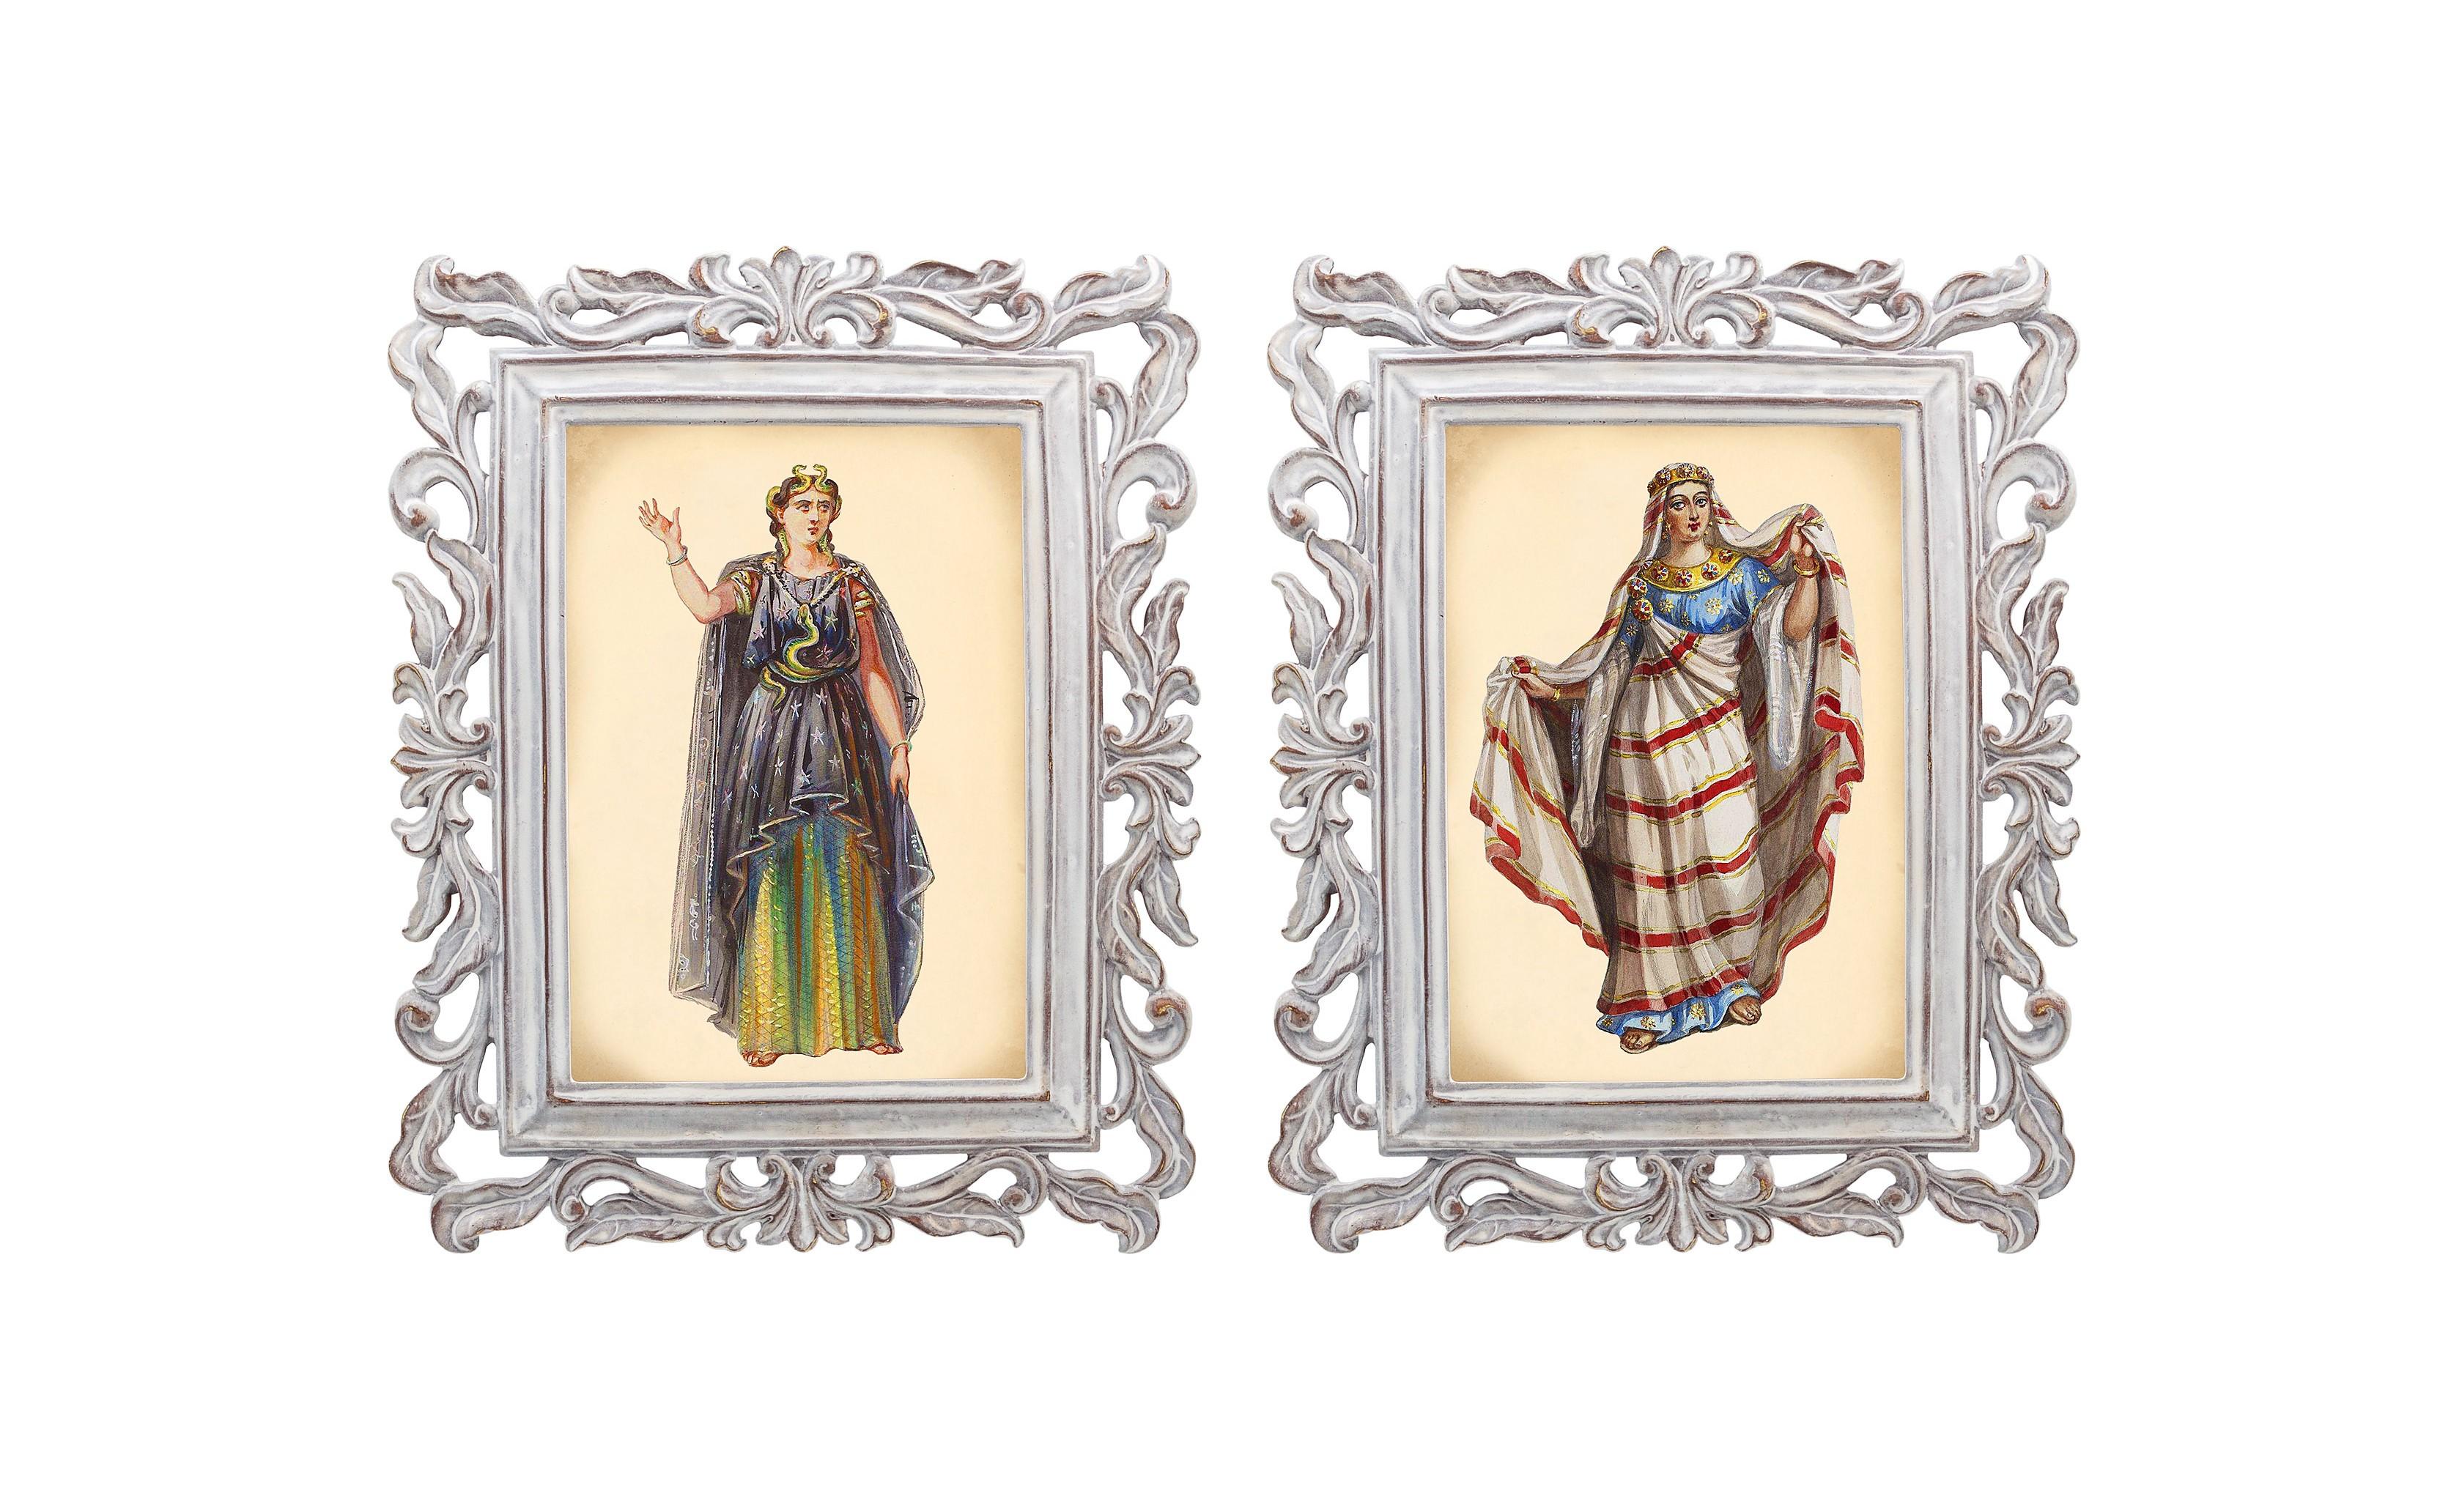 Набор из двух репродукций Агата и БурлескКартины<br>Репродукции старинных картин из серии «Бурлеск», на которых изображены дамы в одежде викторианской эпохи, производят потрясающий эффект. Благородный кашемир, роскошный атлас, тончайший шелк и аристократический бархат символизируют роскошь и богатство.<br><br>Material: Камень<br>Width см: 21<br>Depth см: 1,7<br>Height см: 26